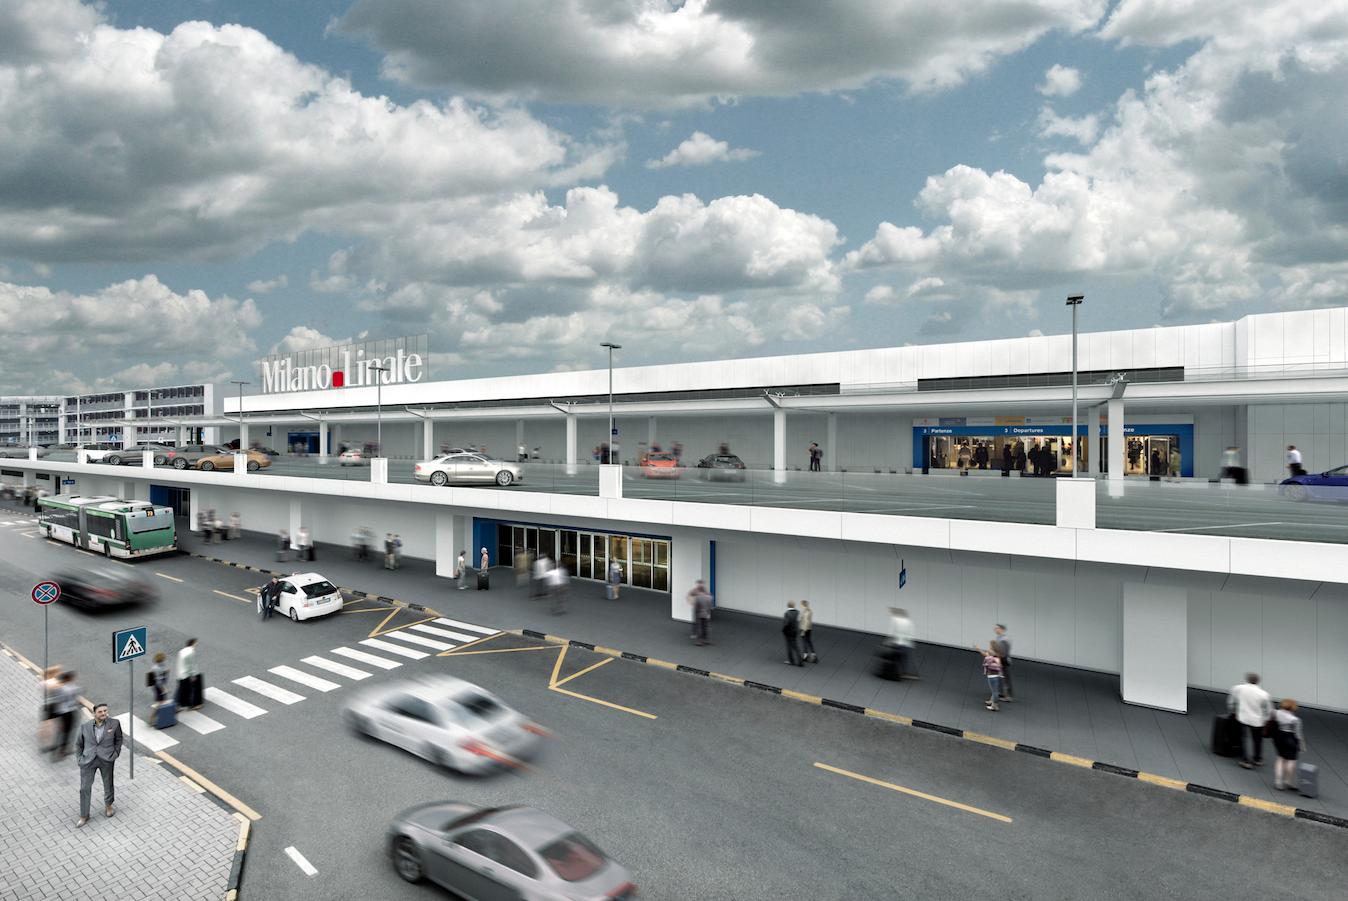 Aeroporto Milano Malpensa : Aeroporto milano linate pierluigi cerri